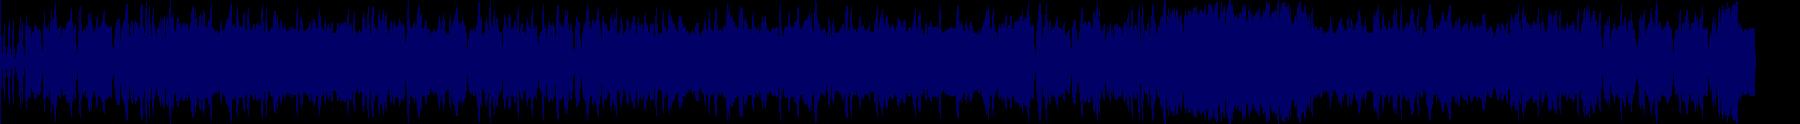 waveform of track #71185